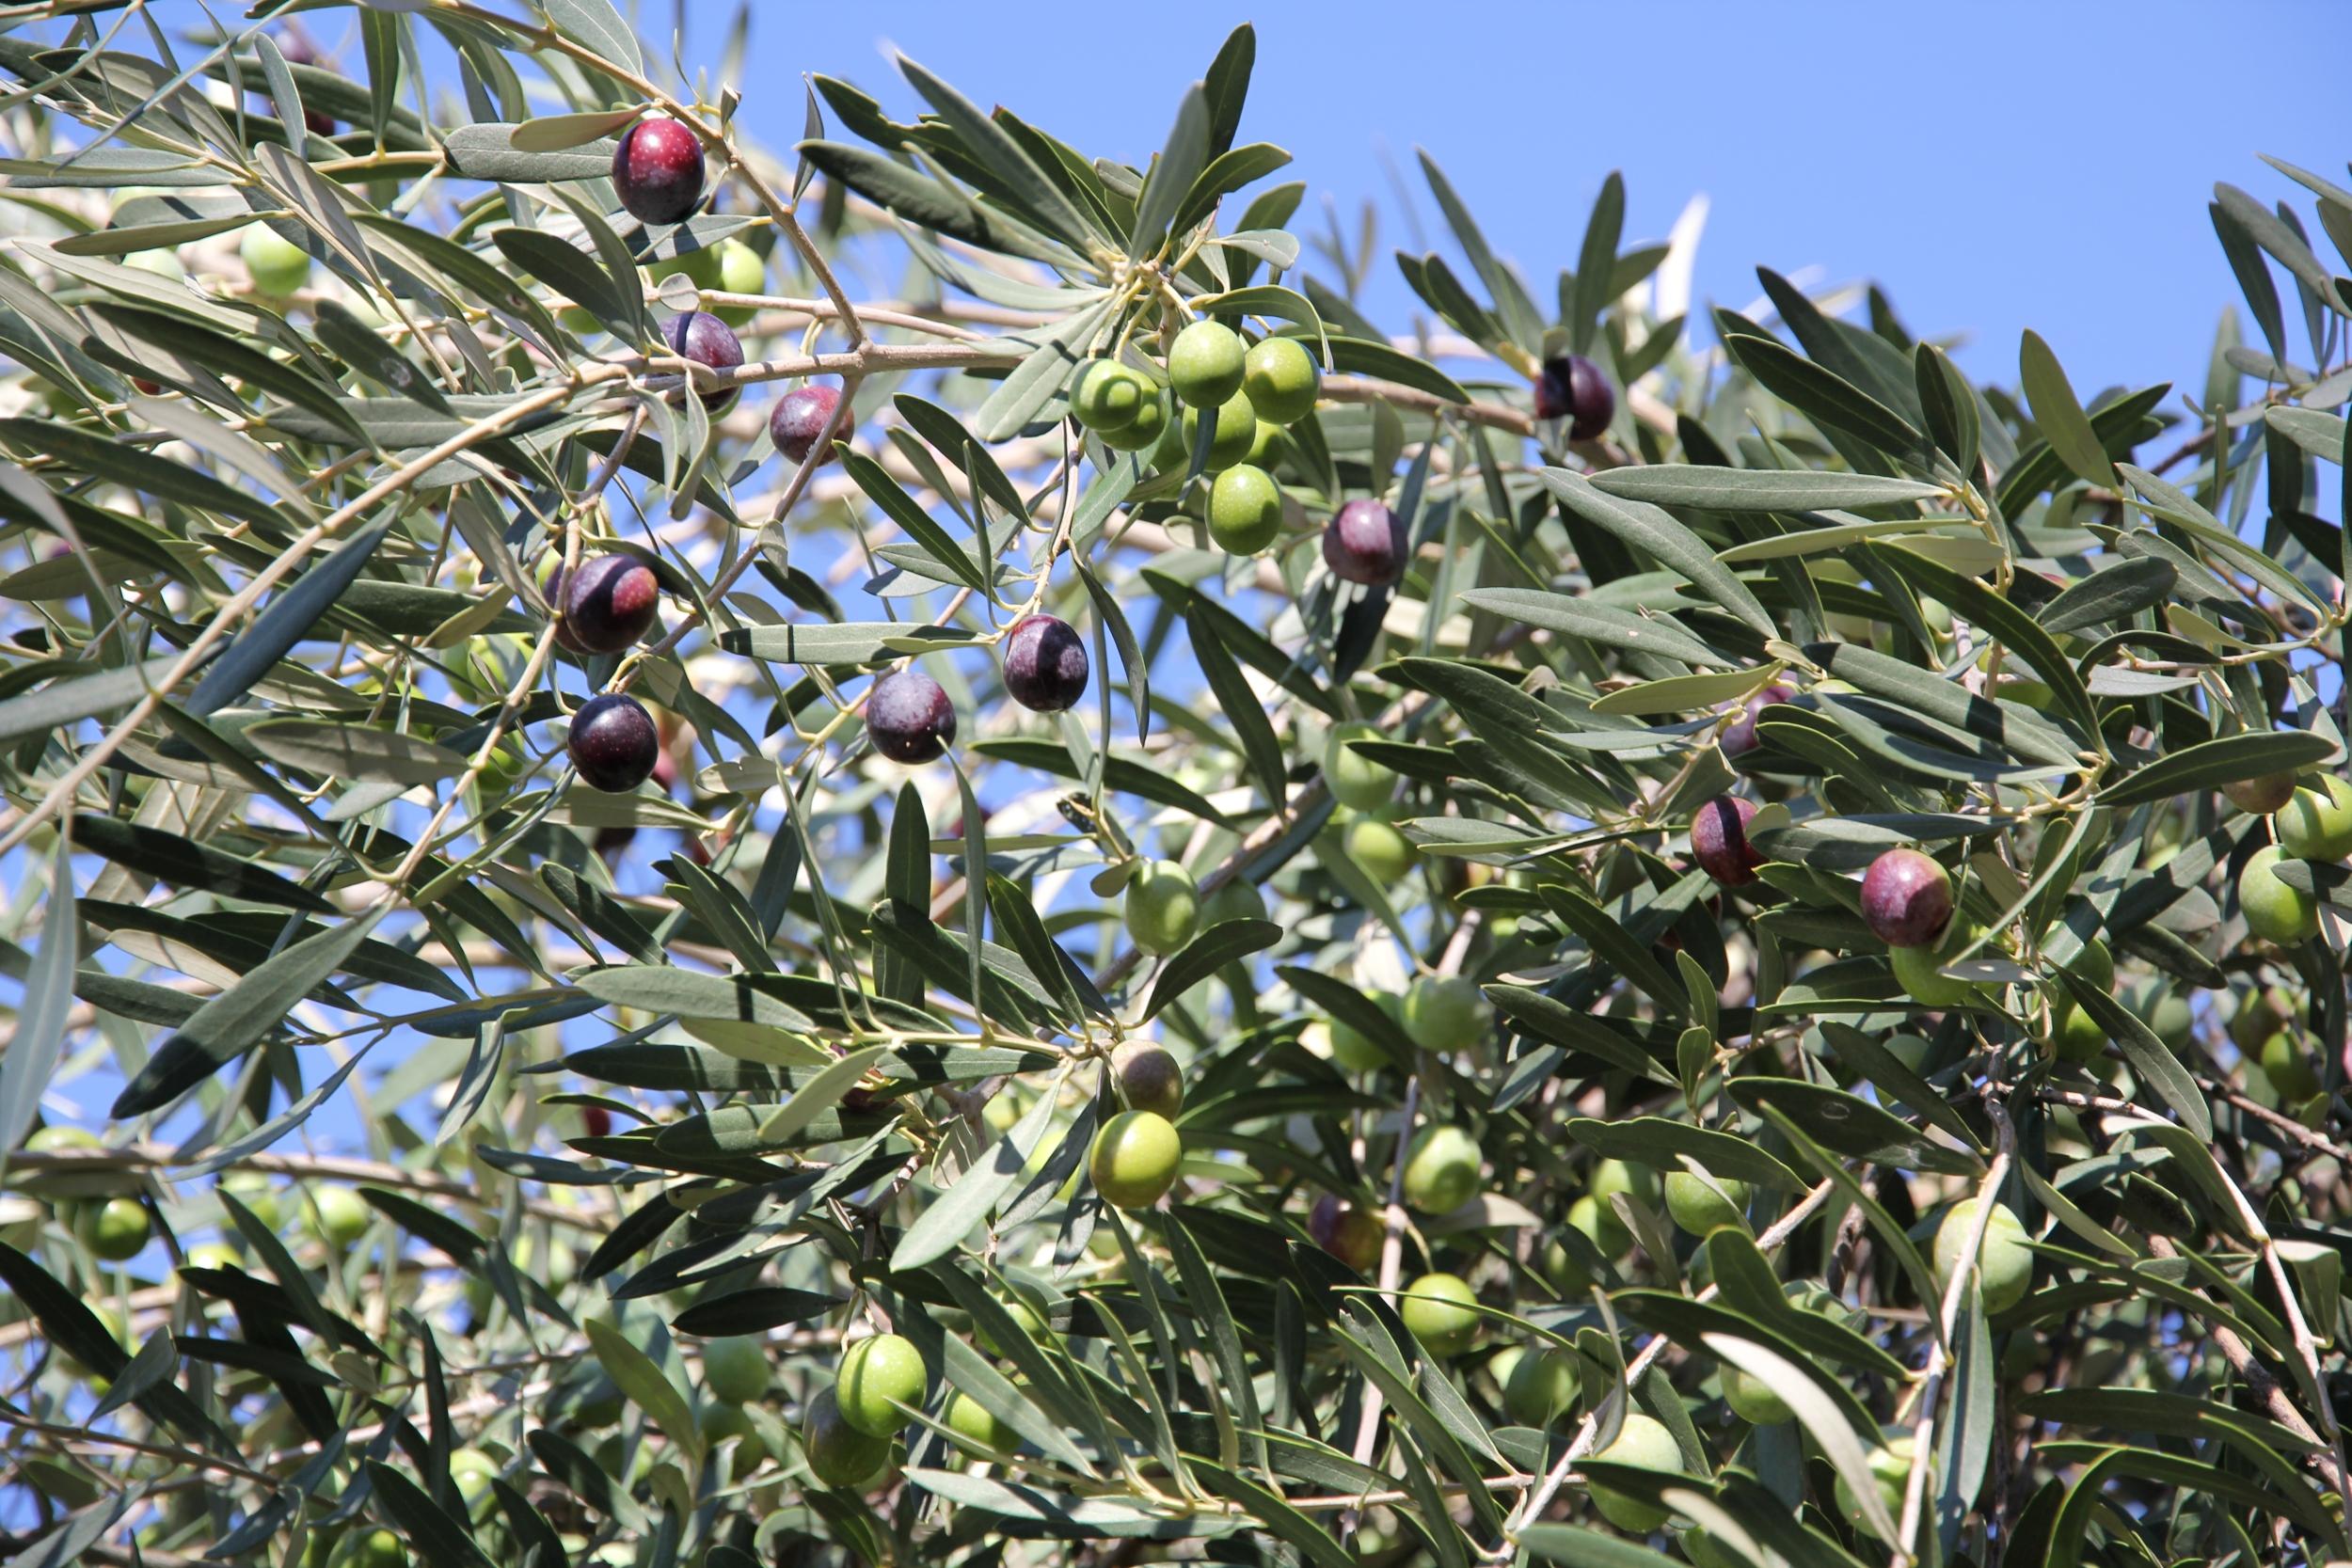 Oliven reif für die Ernte